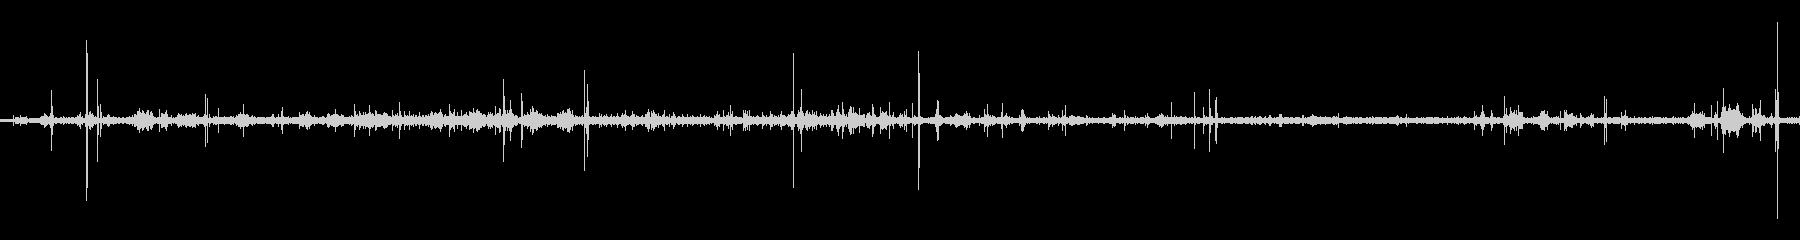 露天風呂(バイノーラル・立体音響で録音)の未再生の波形